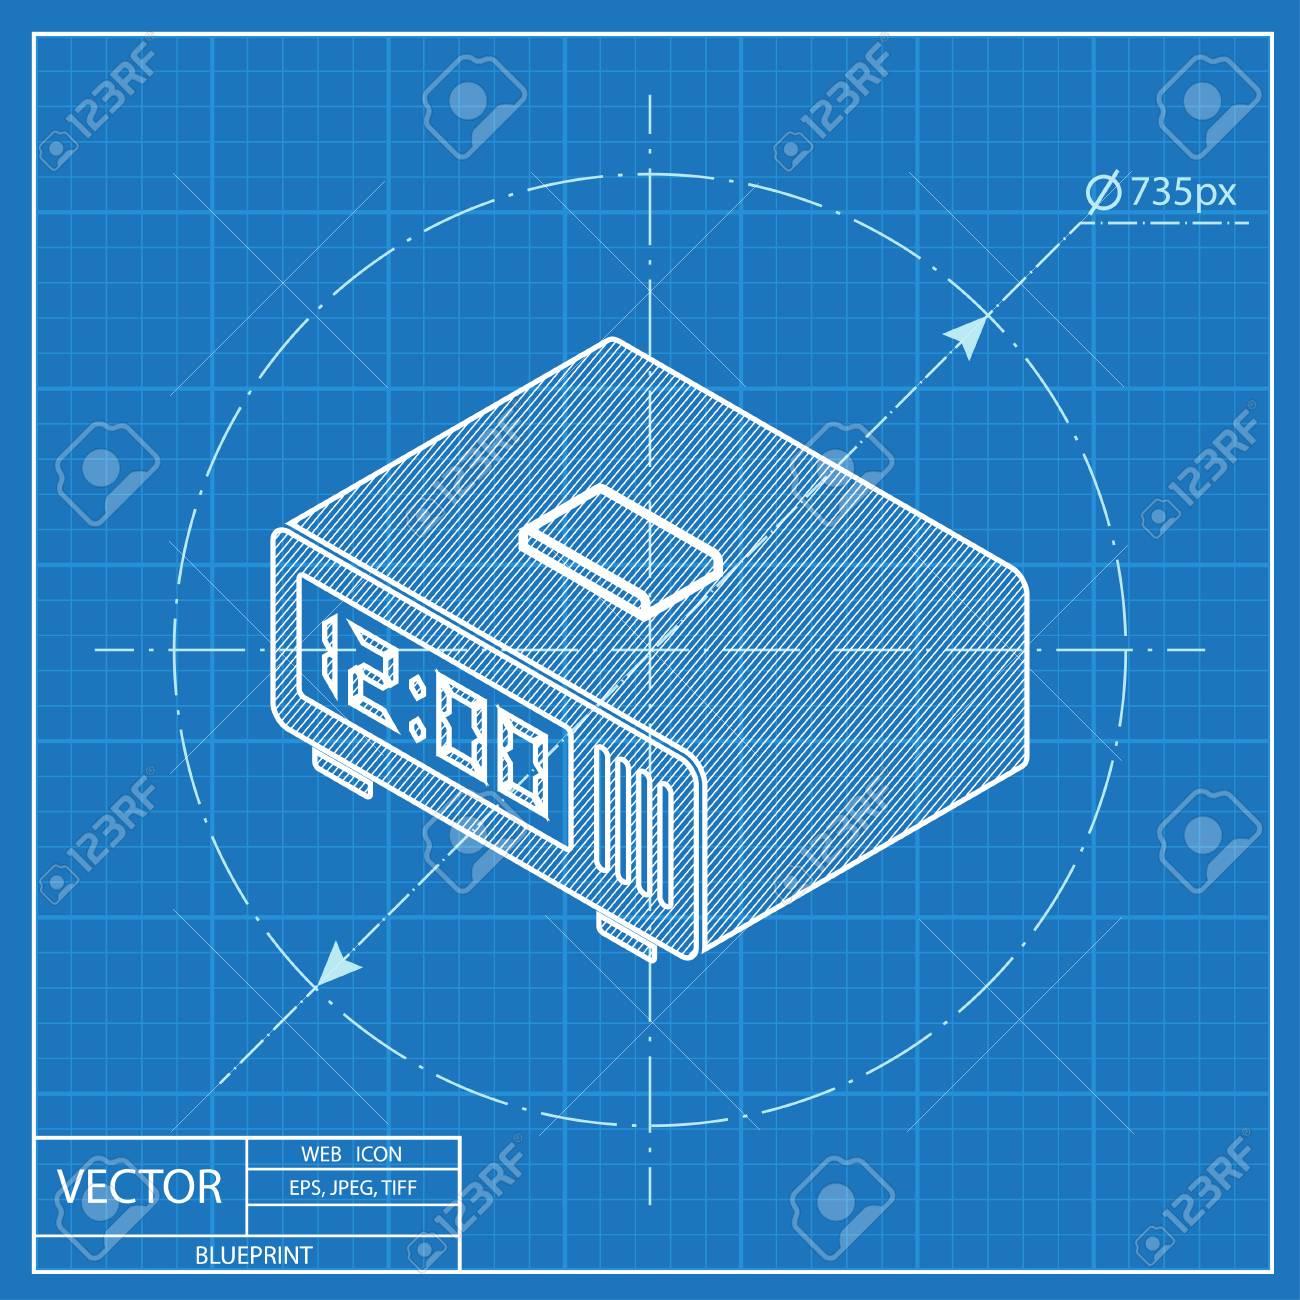 Digital alarm clock isometric 3d blueprint icon royalty free digital alarm clock isometric 3d blueprint icon stock vector 54116568 malvernweather Gallery